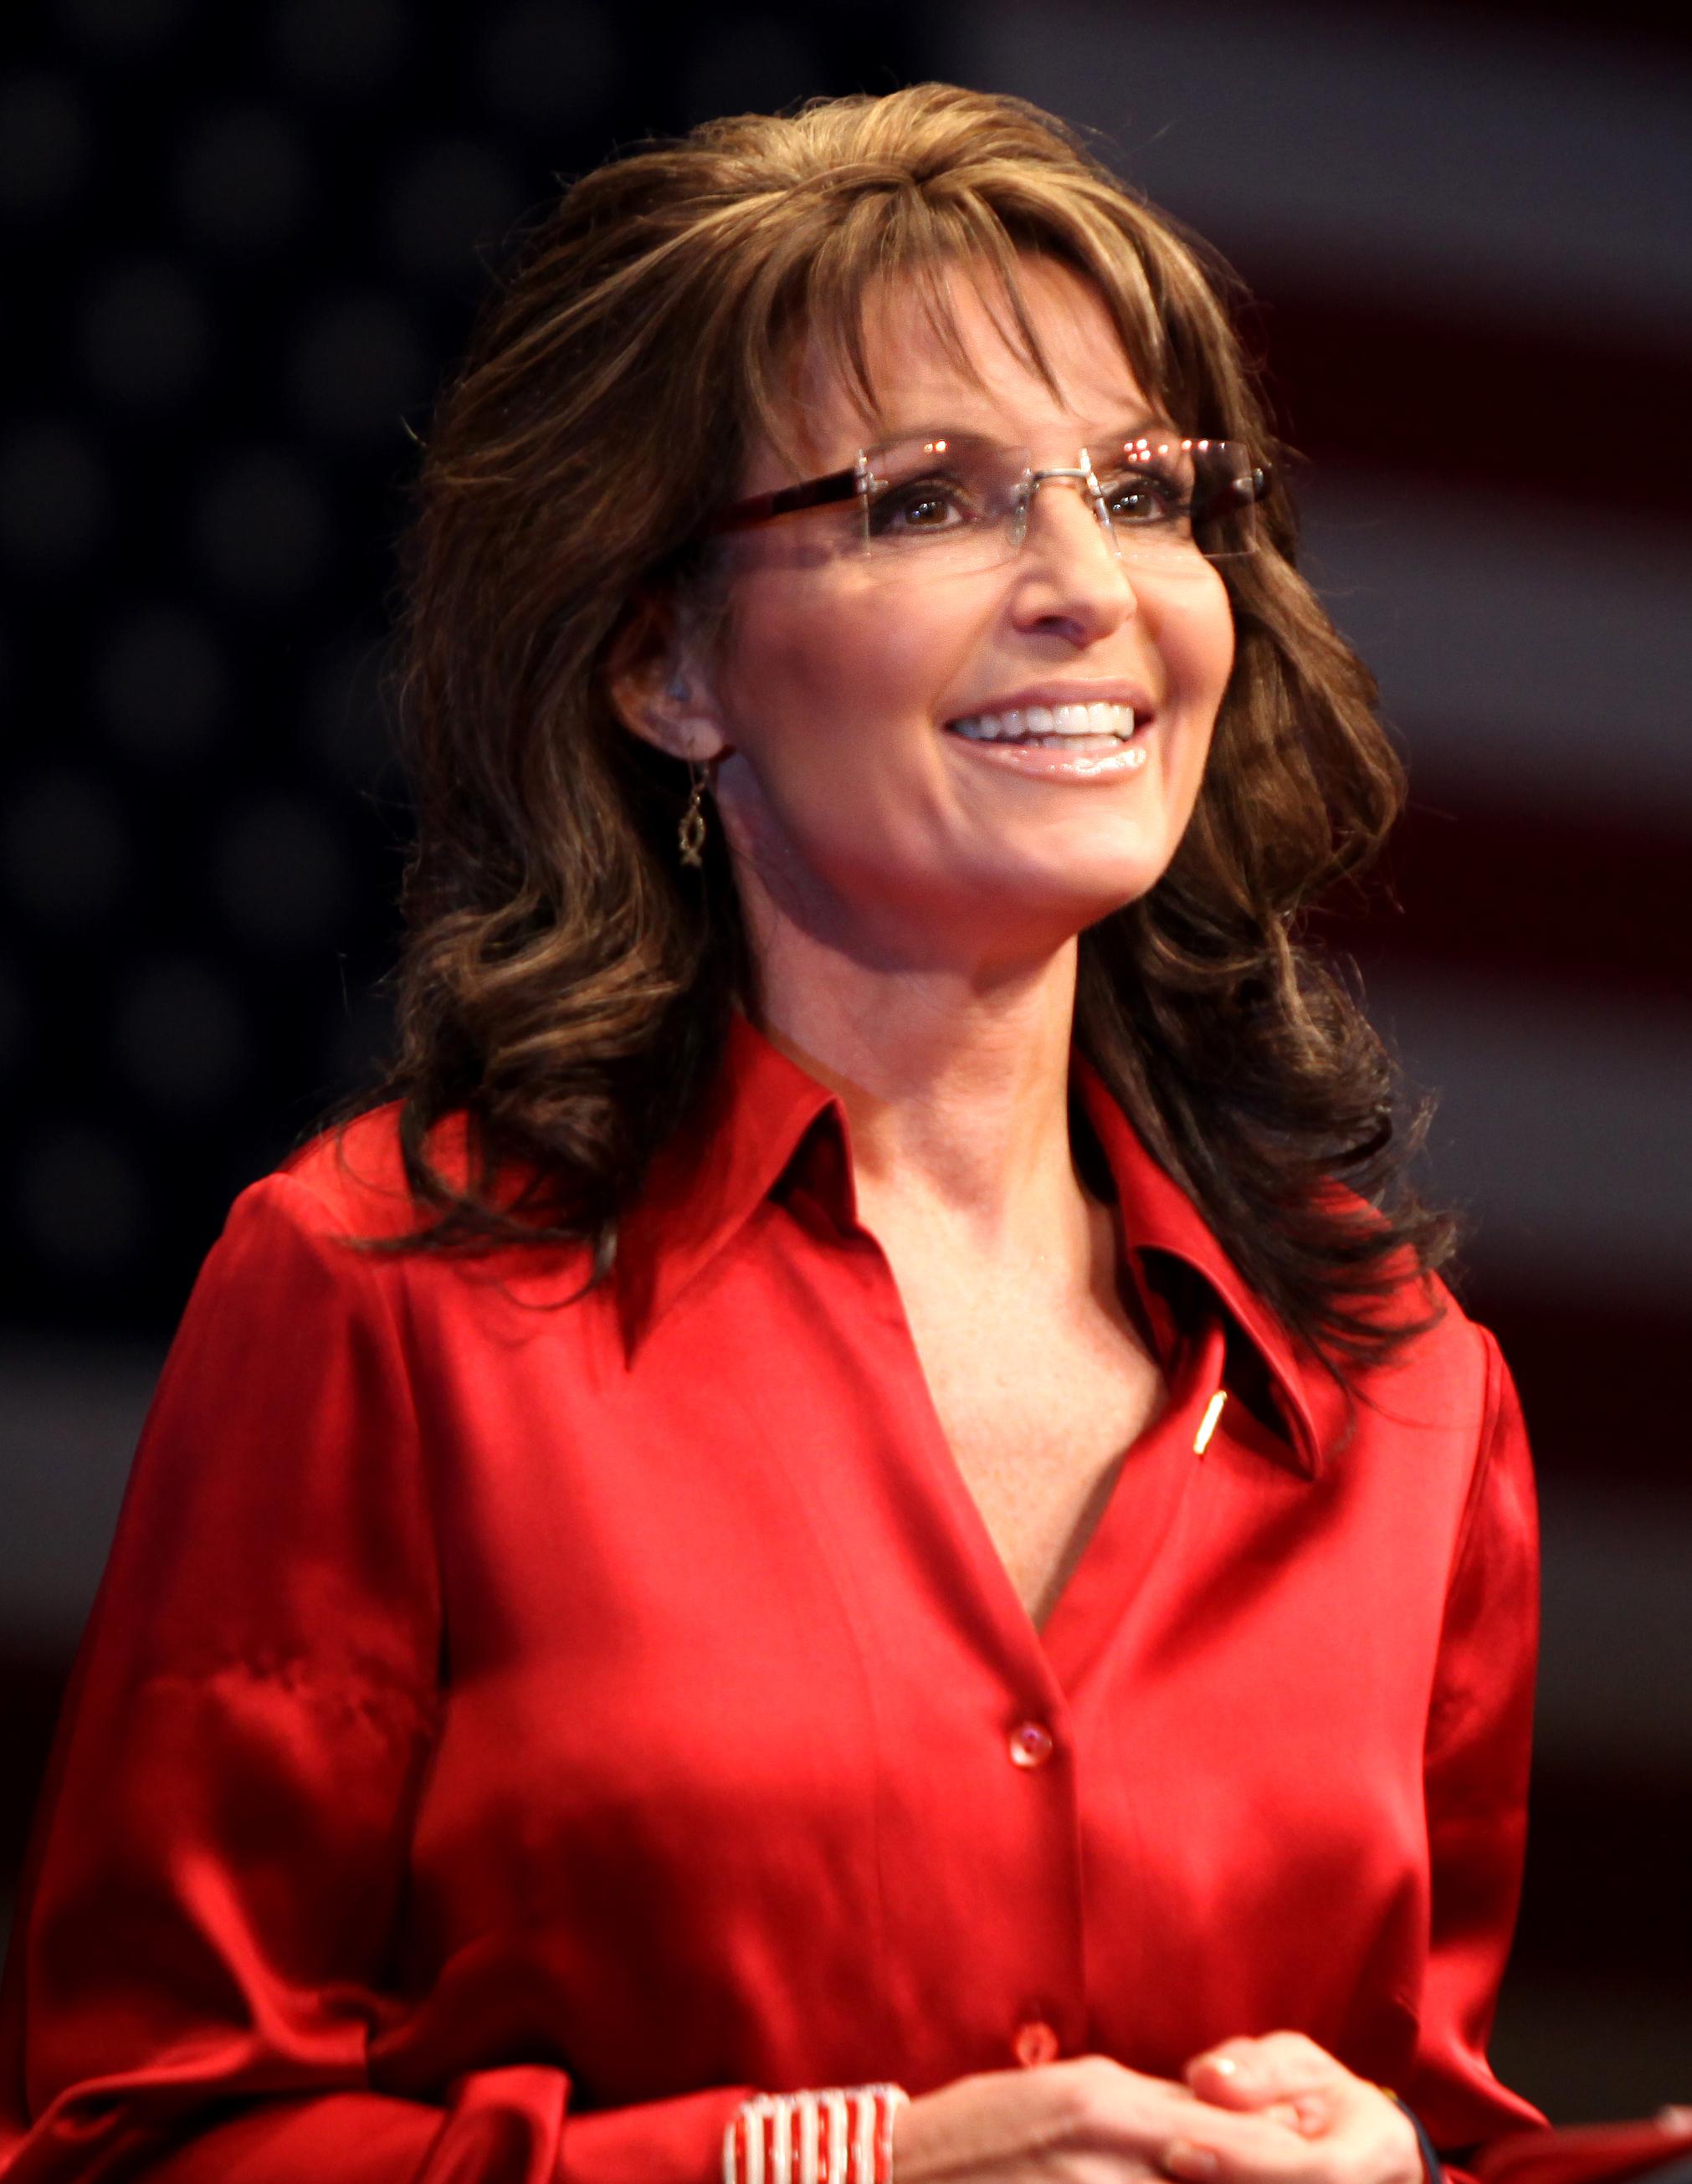 101 Sarah Palin.jpeg